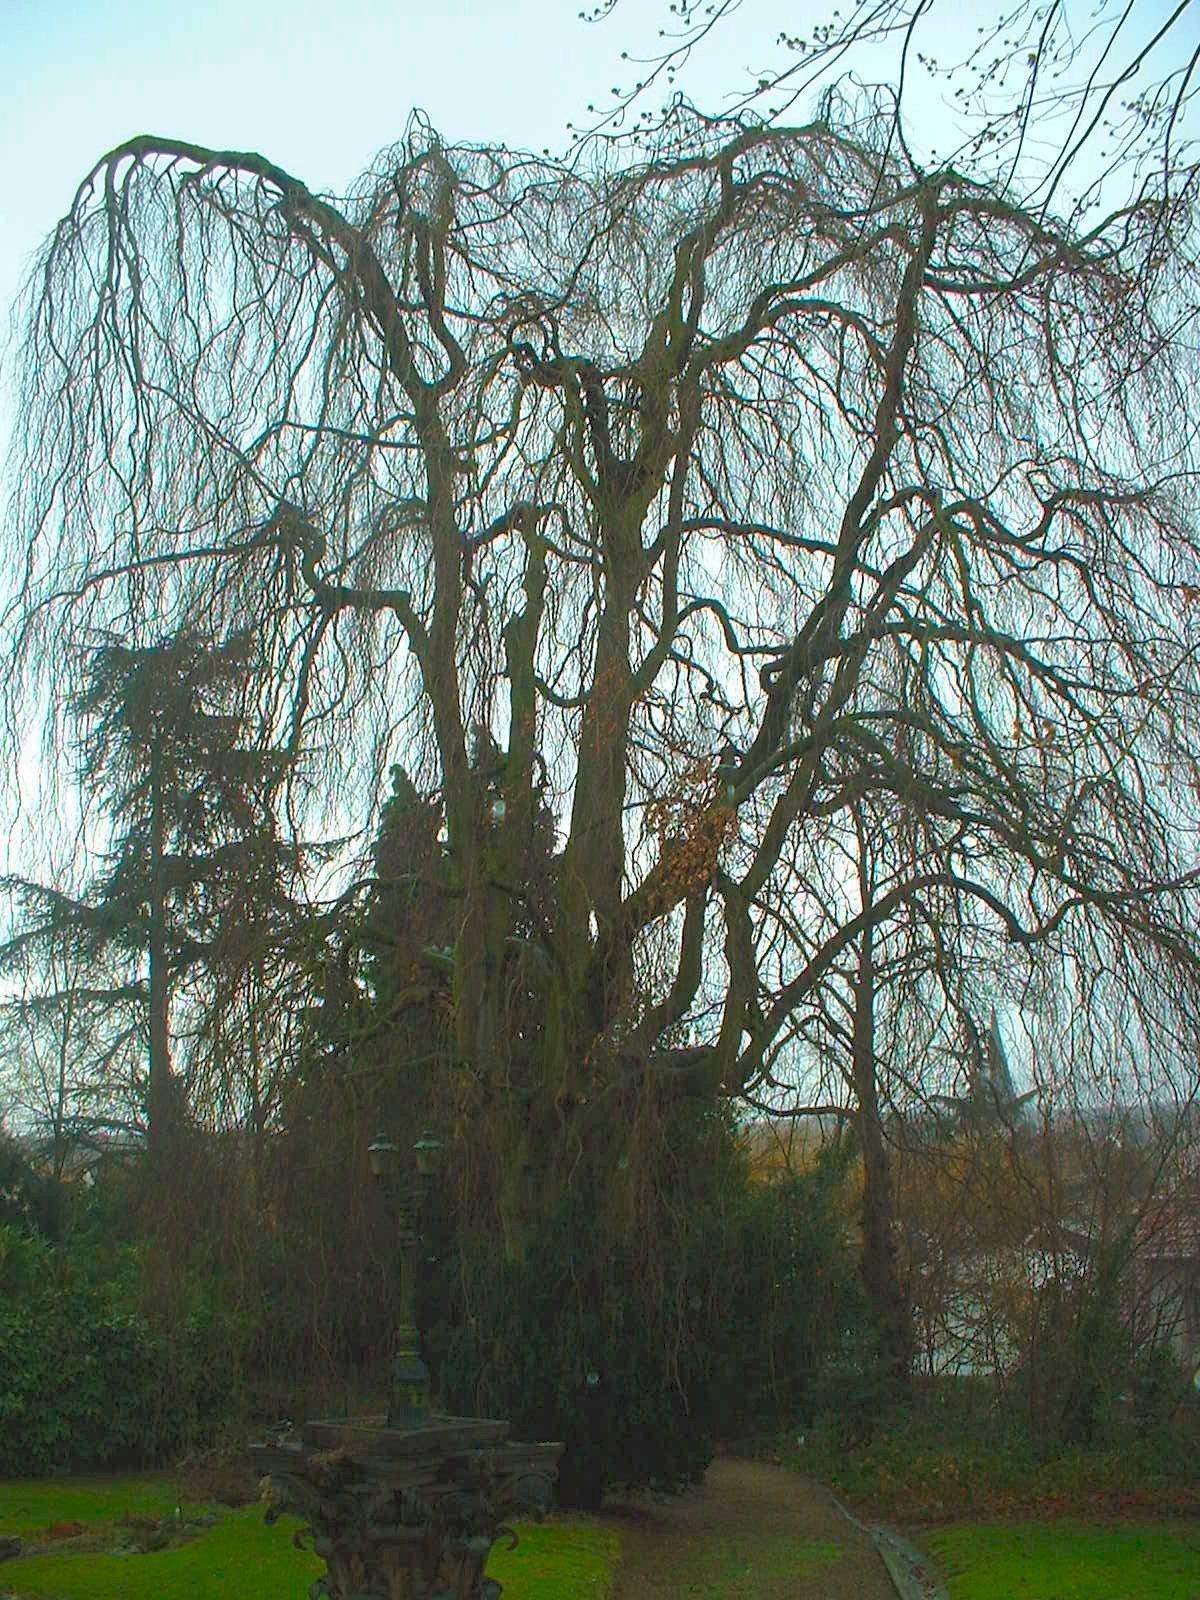 Hêtre pleureur de Borny/Hêtre drapé – Uccle, Avenue Circulaire, 70 –  09 Janvier 2004